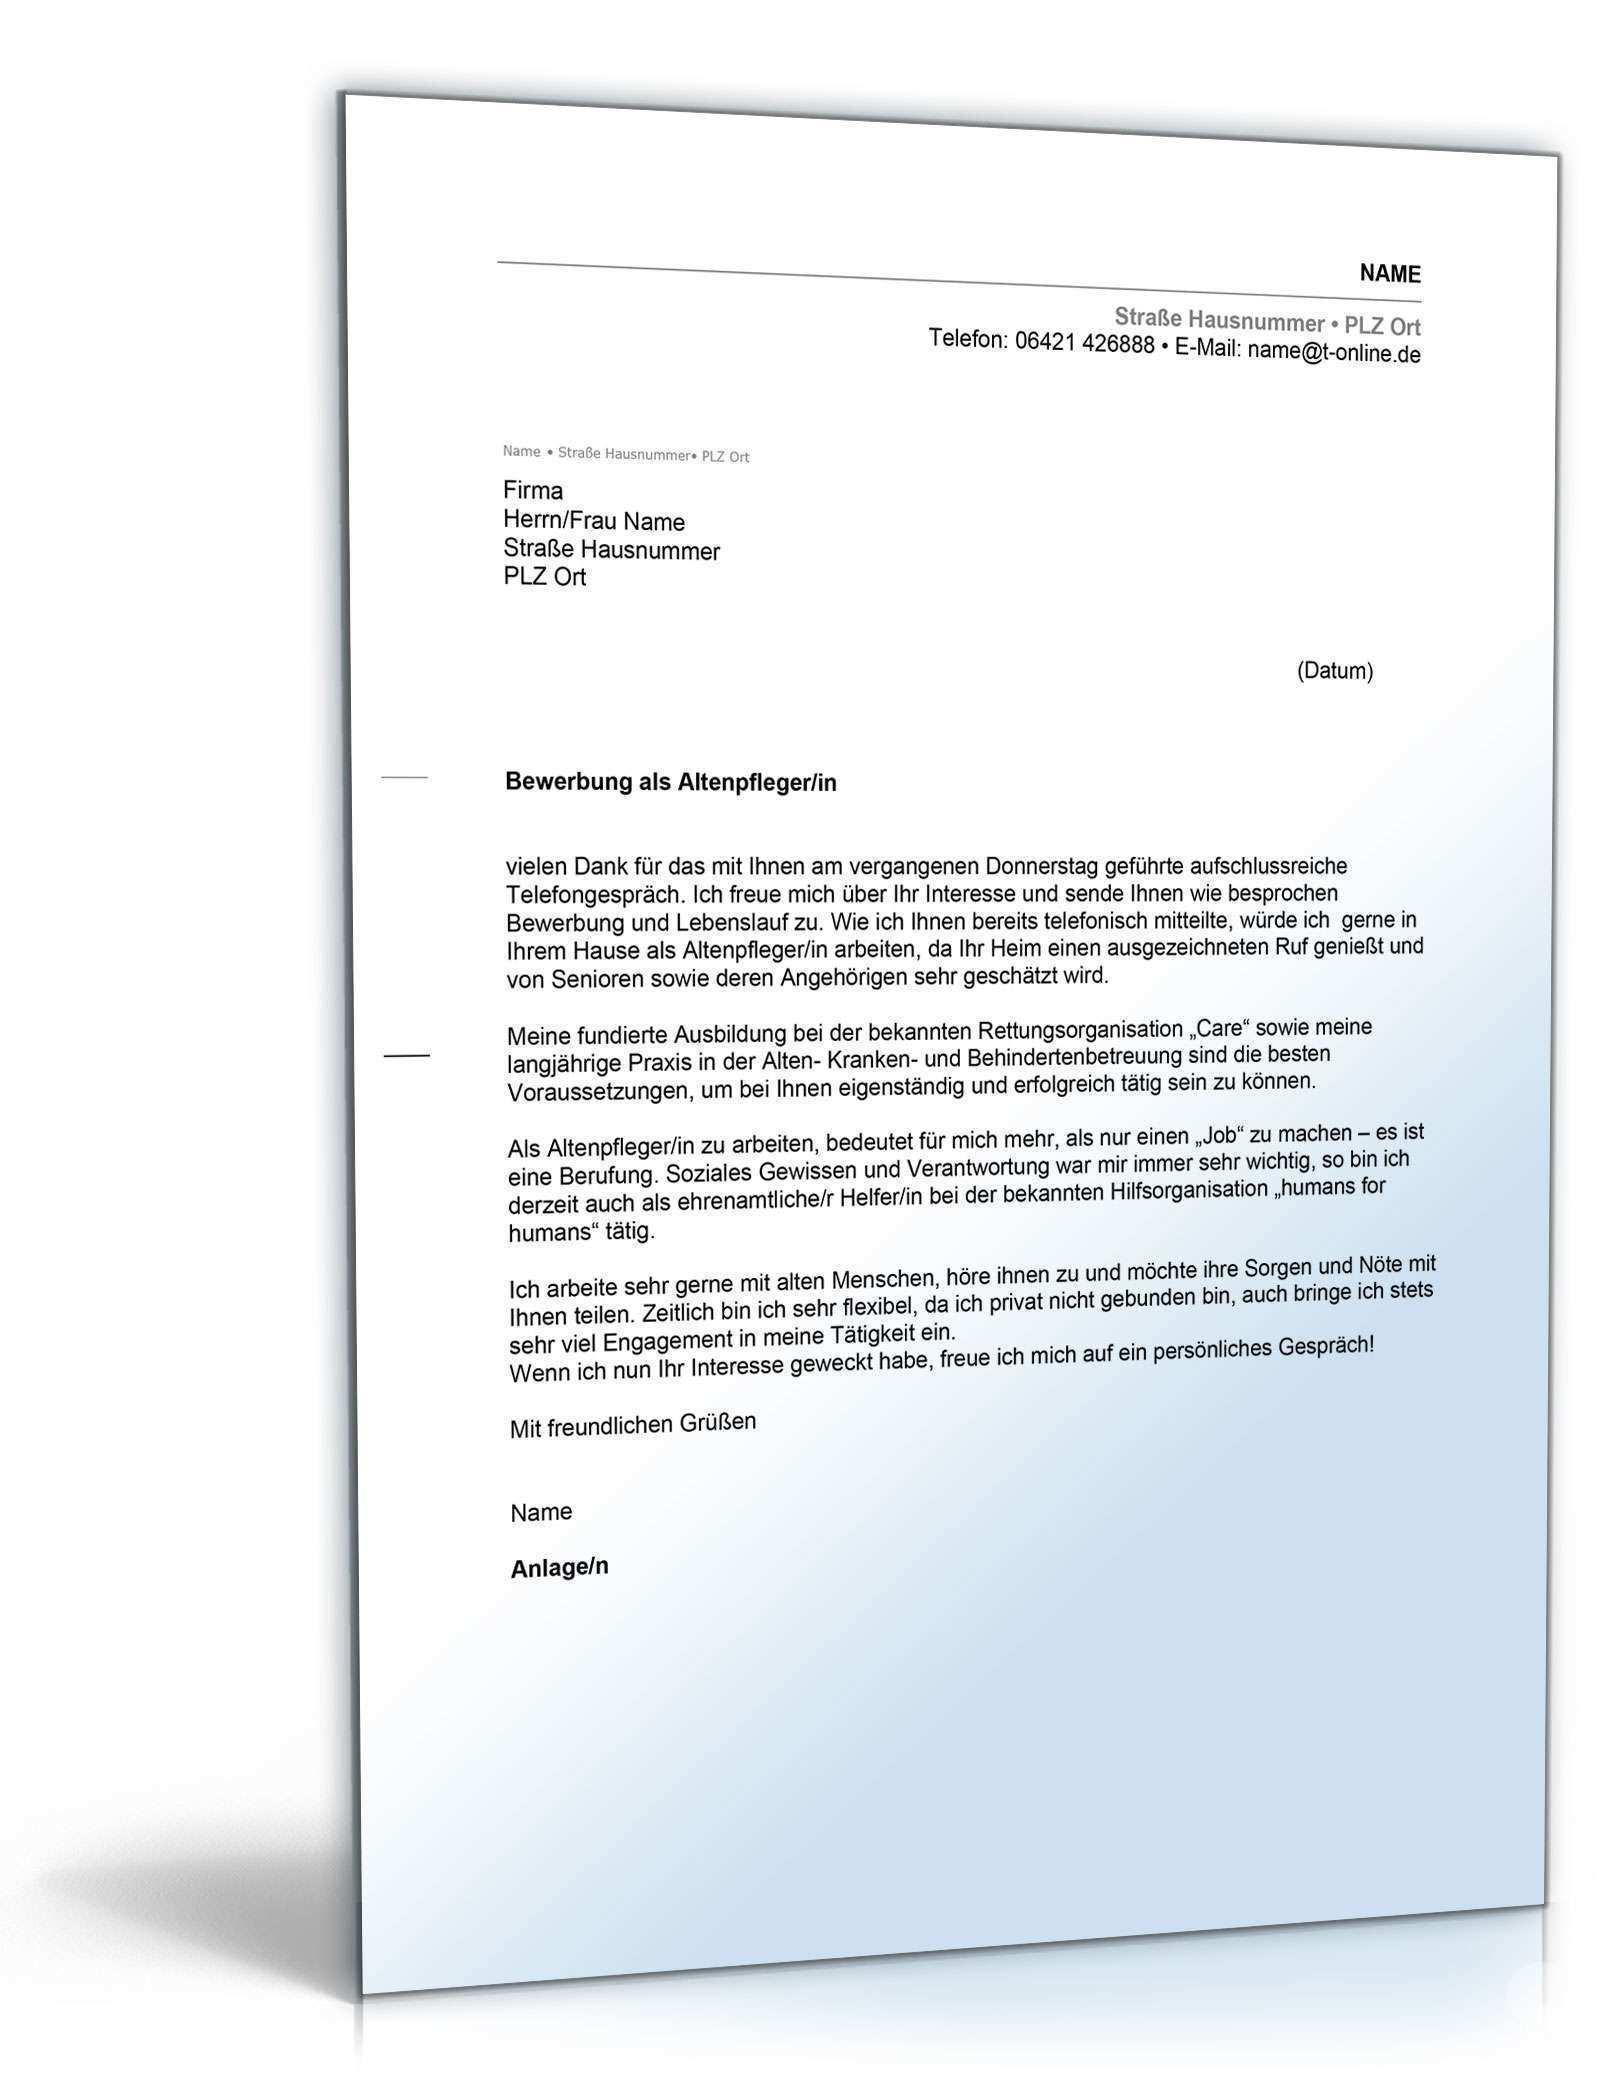 Anschreiben Bewerbung Altenpfleger Muster Zum Download Bewerbung Altenpfleger Altenpflegerin Muster In 2020 Good Resume Examples Resume Examples Resume Templates